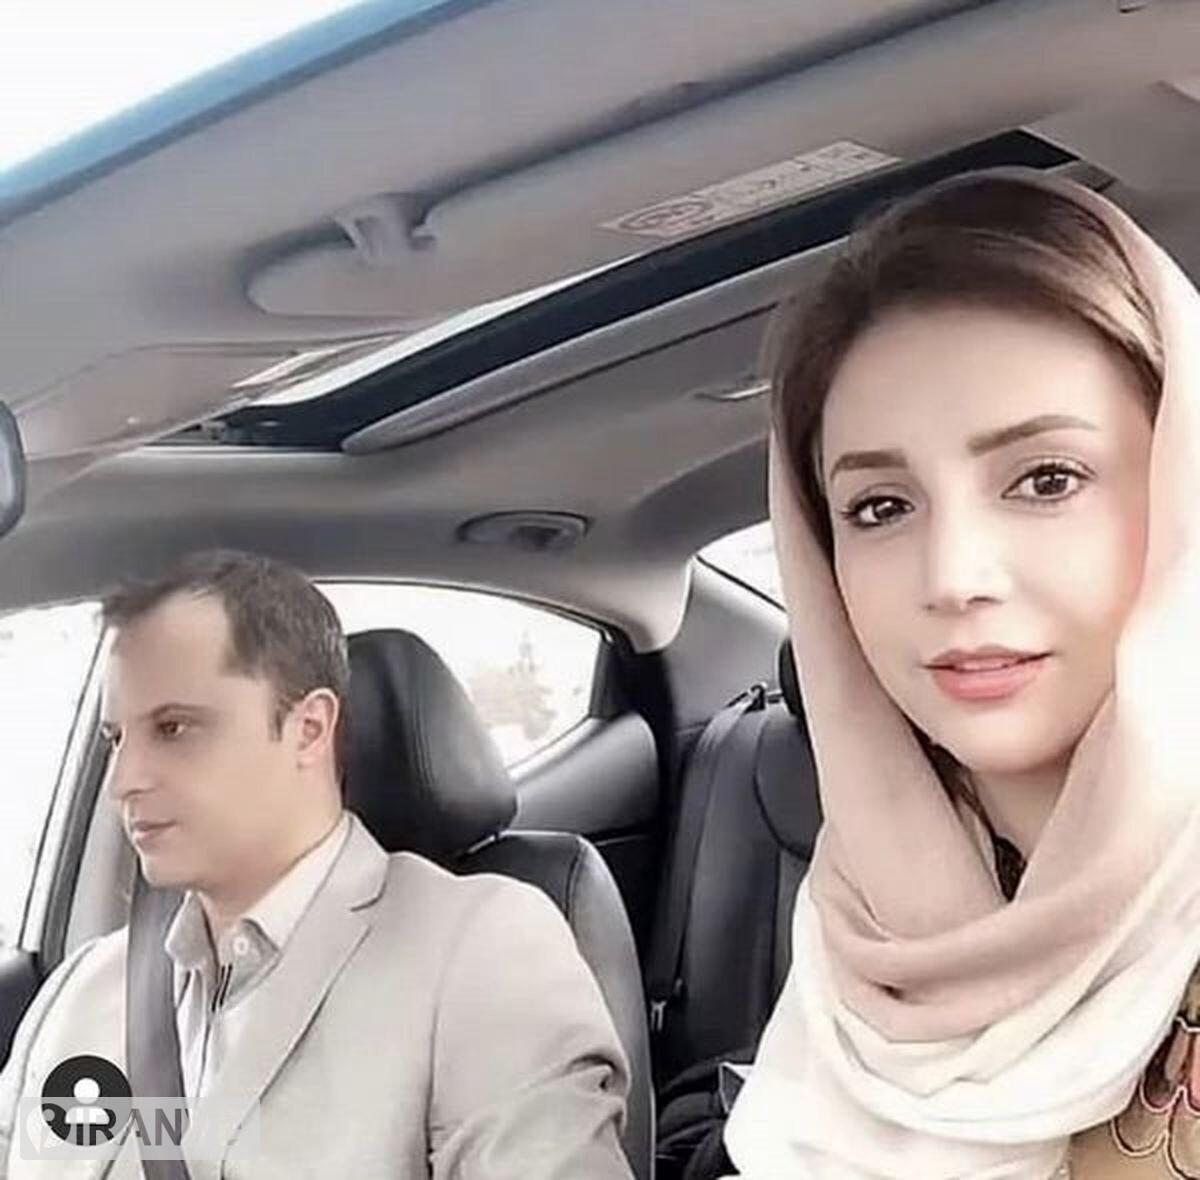 عکس شبنم قلی خانی با شوهرش داخل ماشین